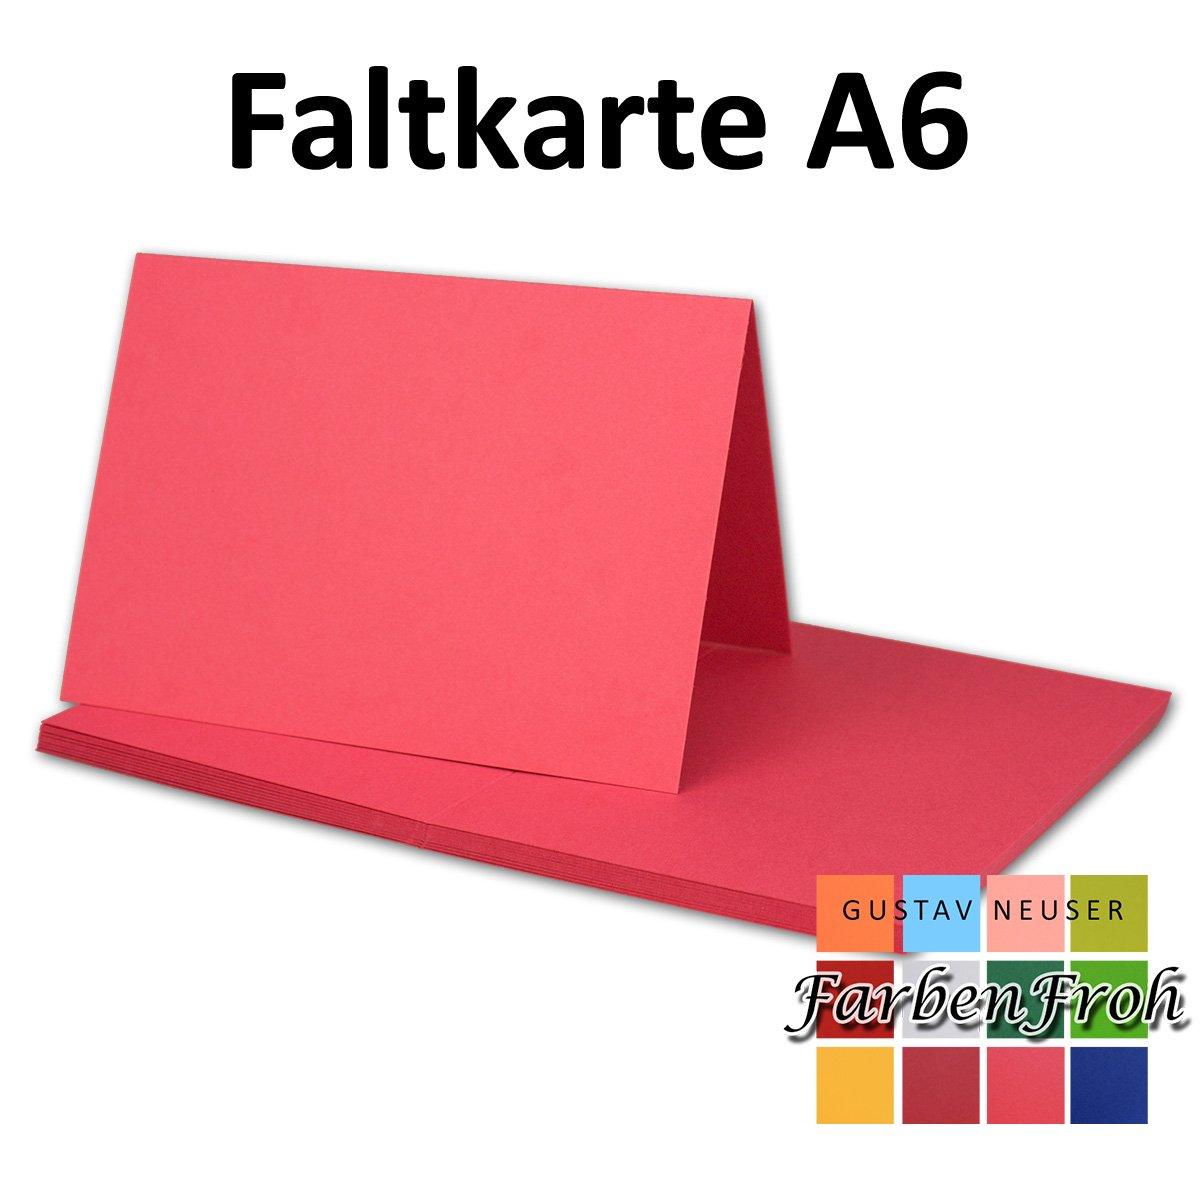 250x Falt-Karten DIN A6 Blanko Blanko Blanko Doppel-Karten in Hochweiß Kristallweiß -10,5 x 14,8 cm   Premium Qualität   FarbenFroh® B079X2CW7W | Überlegen  eded5f